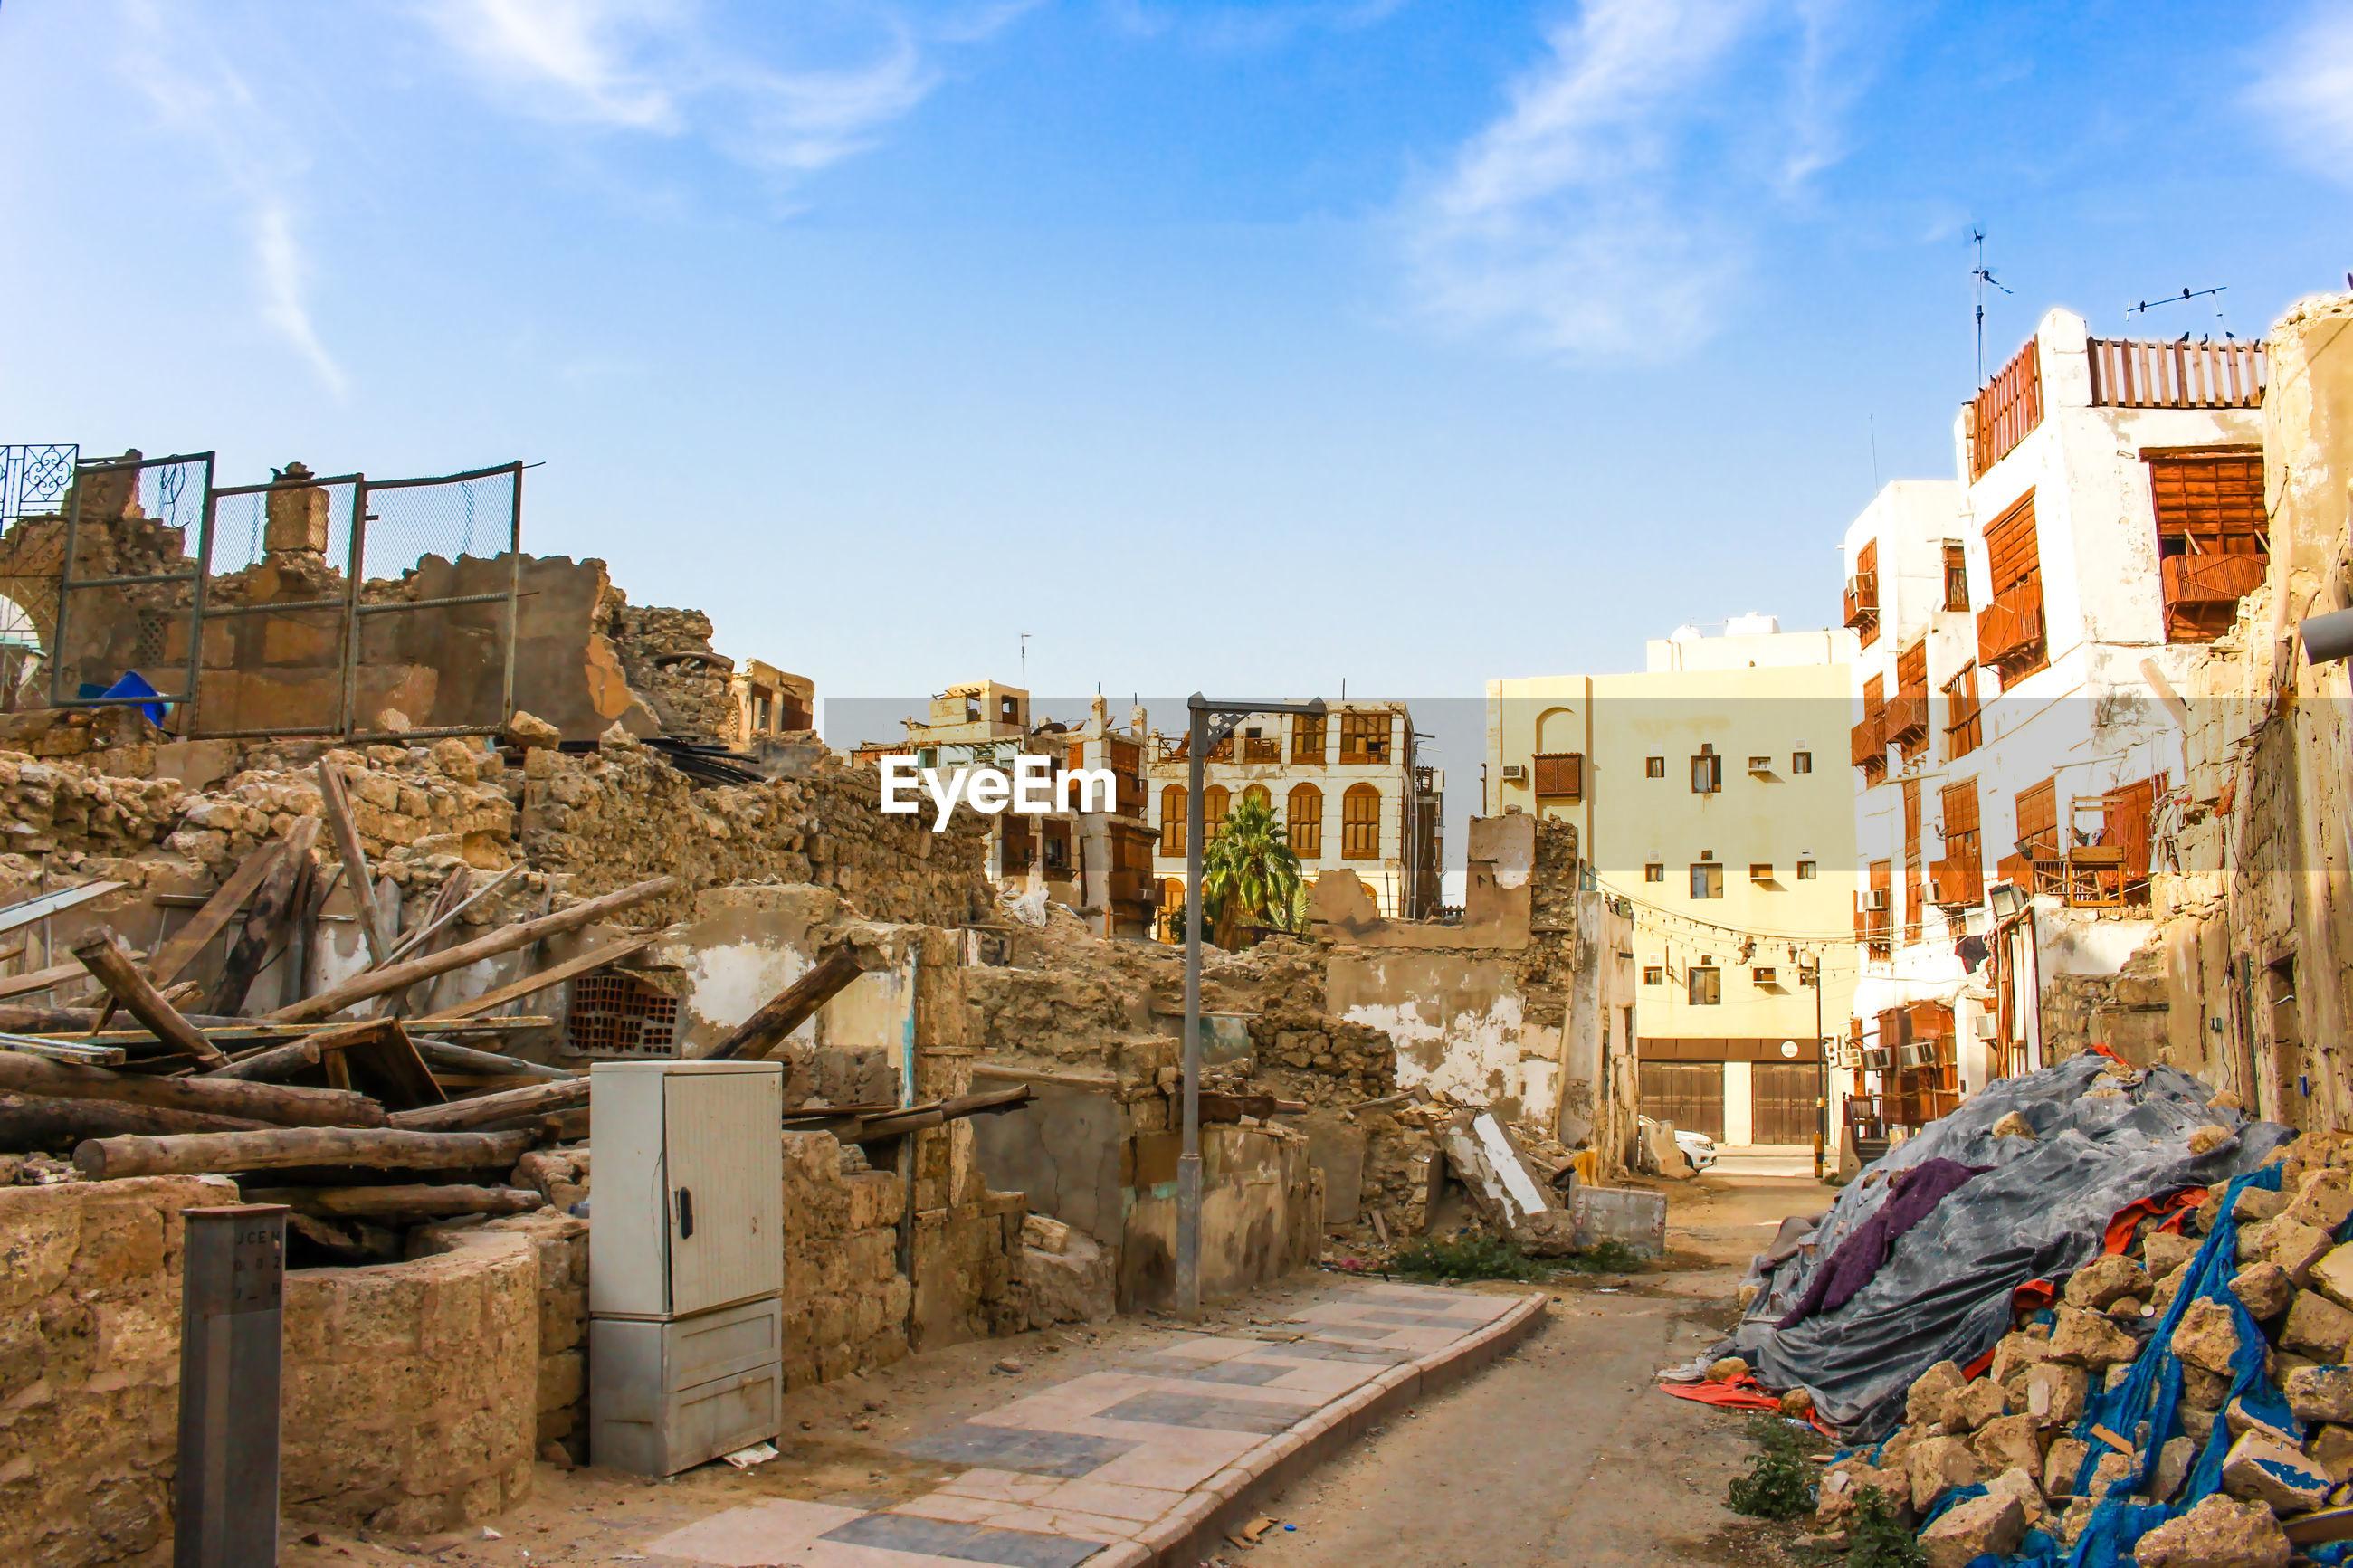 Unesco world heritage hstorical site in jeddah saudi arabia